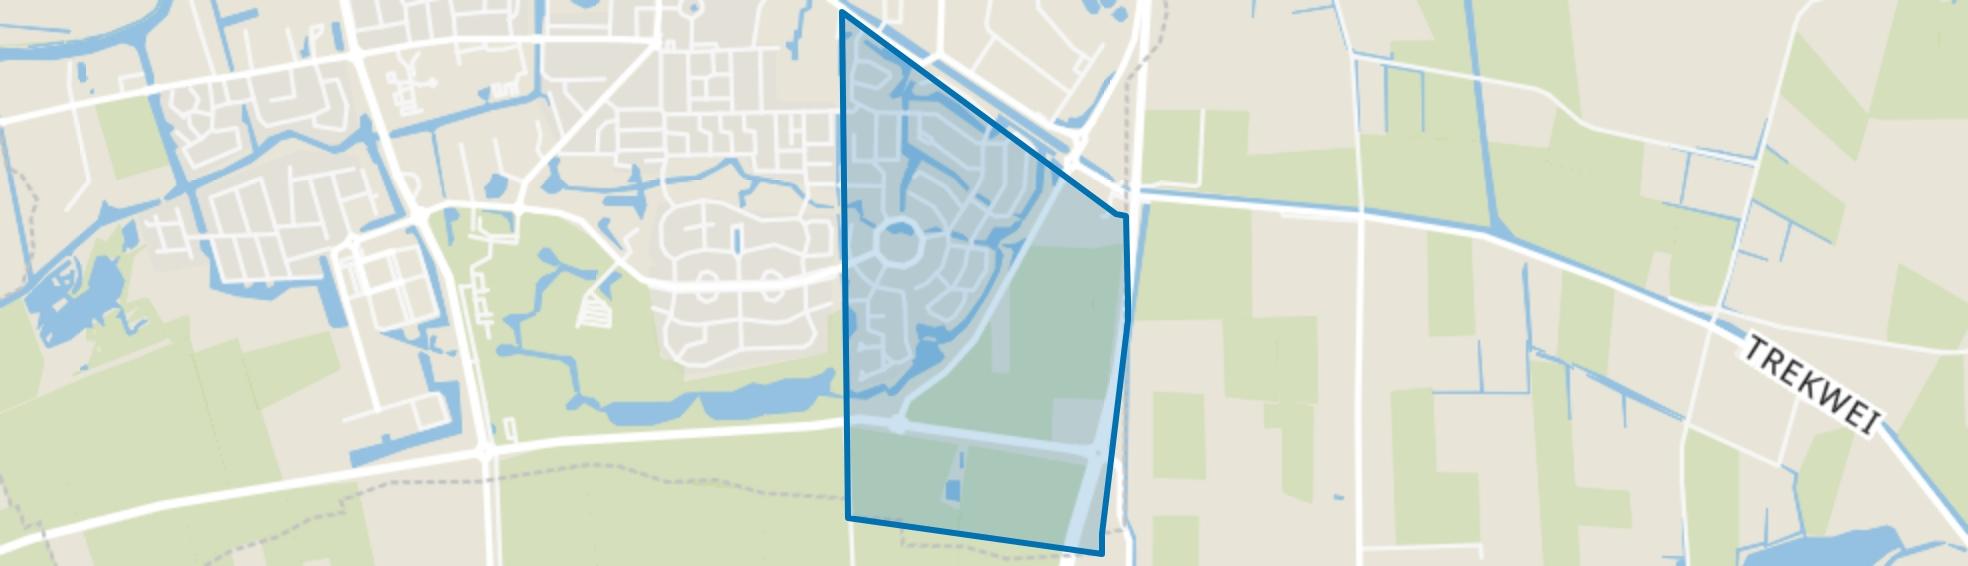 Dokkum Kooilanden, Dokkum map